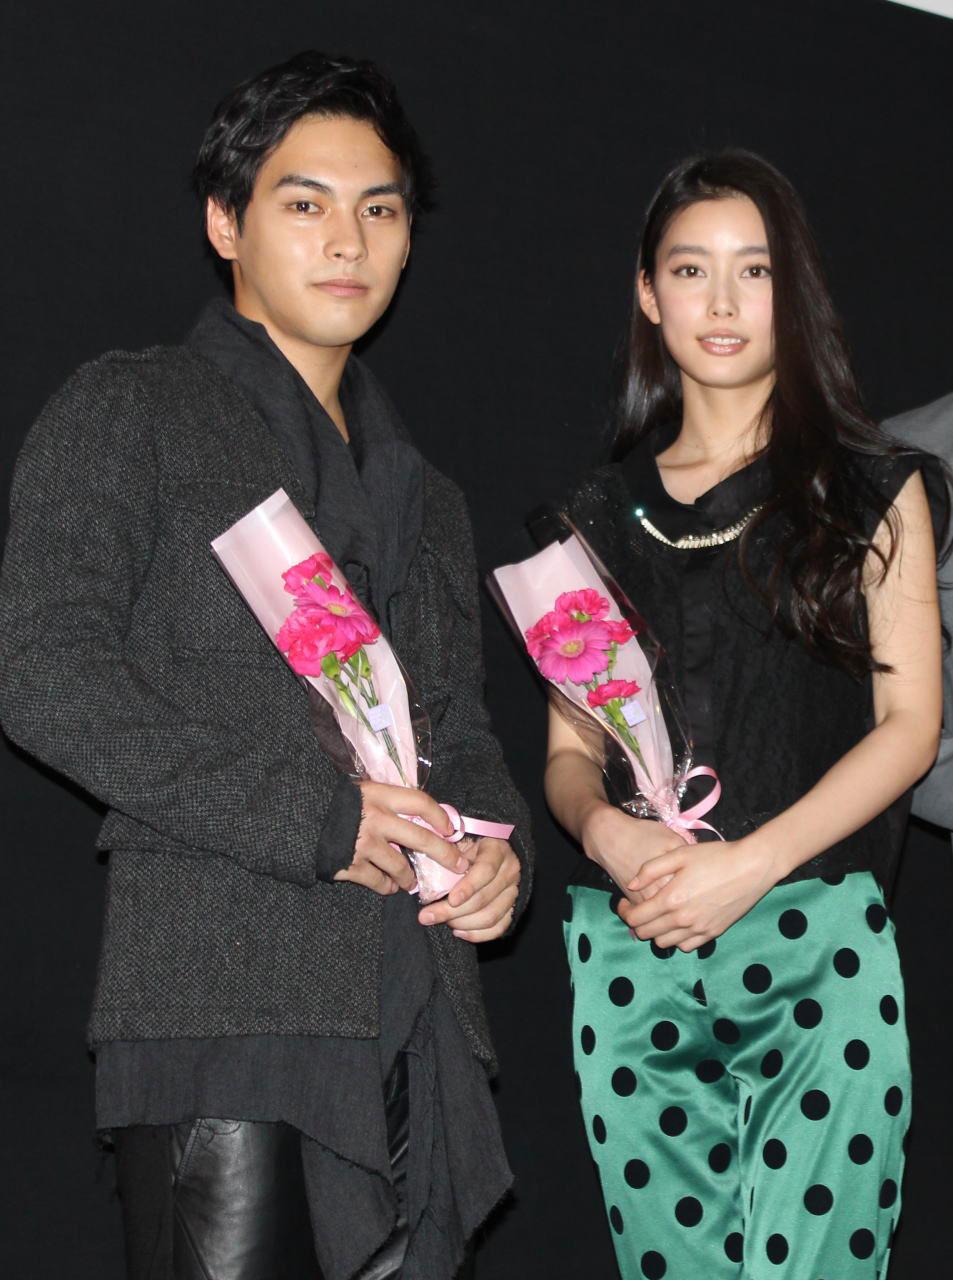 吉倉あおい&柳楽優弥W主演の「ゆるせない、逢いたい」台湾での公開が決定